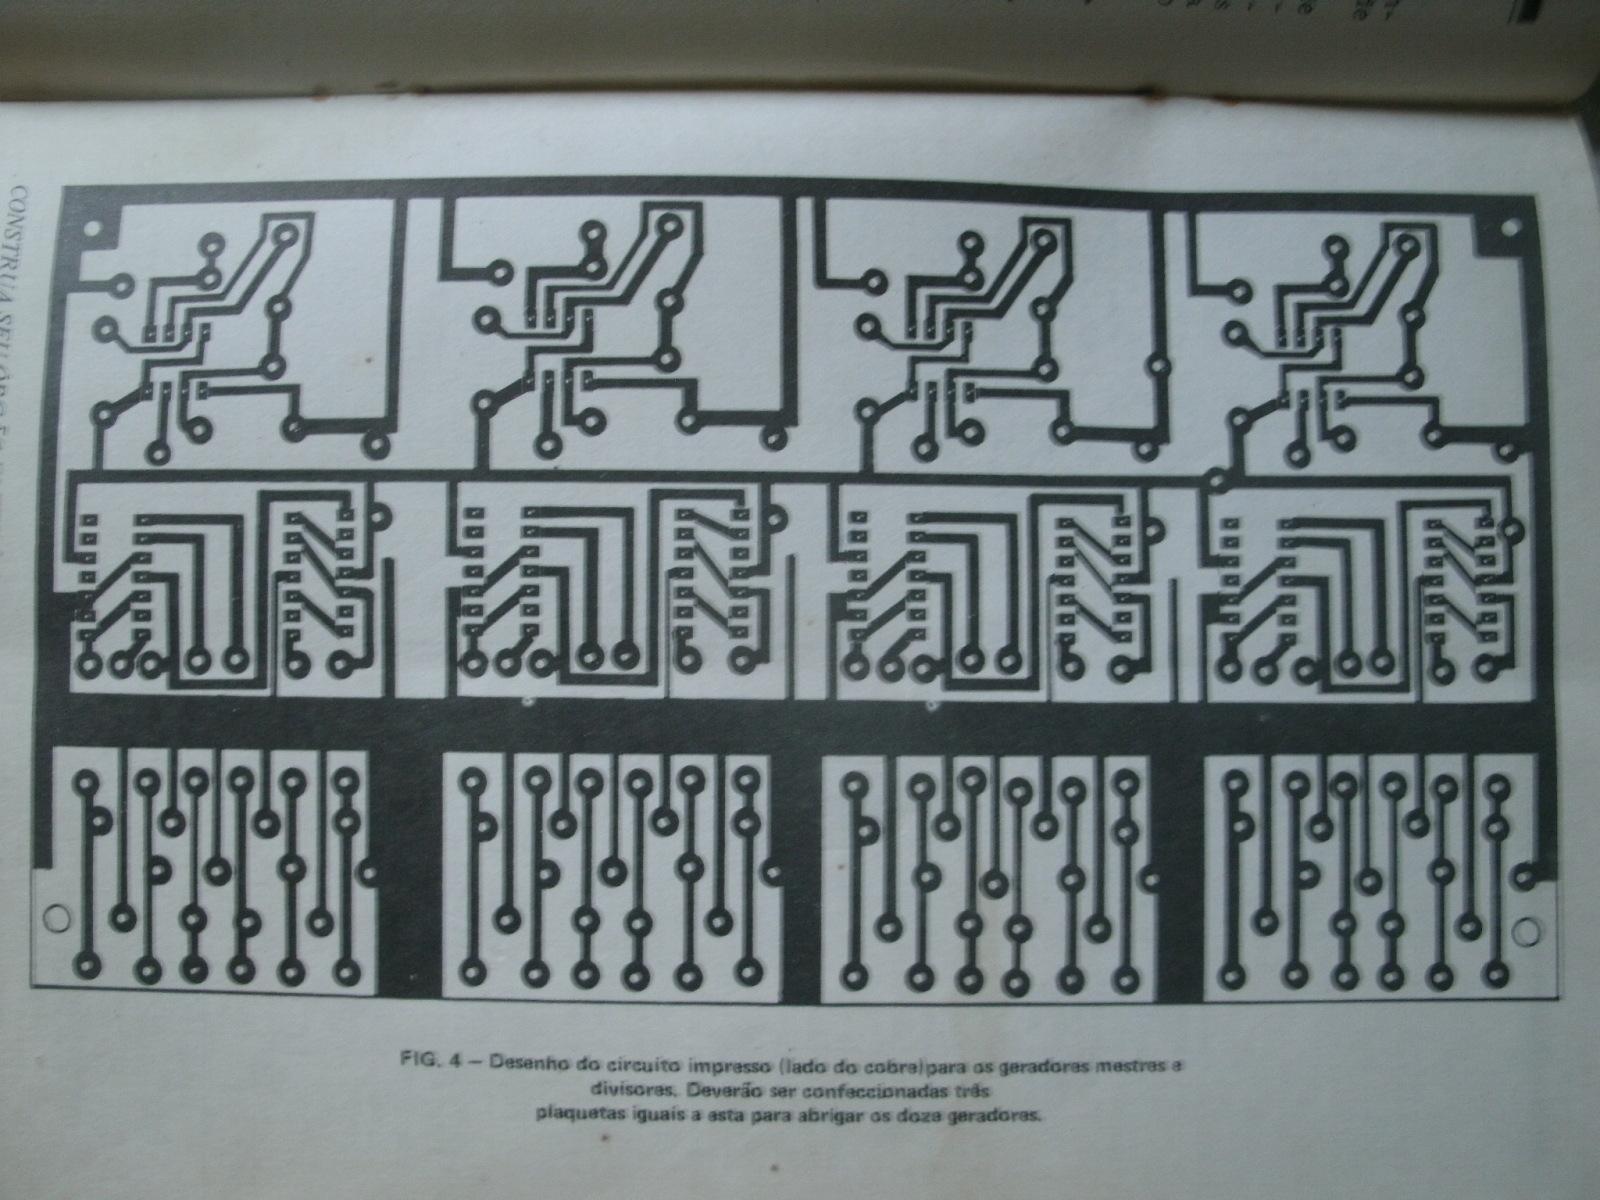 órgao eletronico com M208B1 - Página 2 118lpps